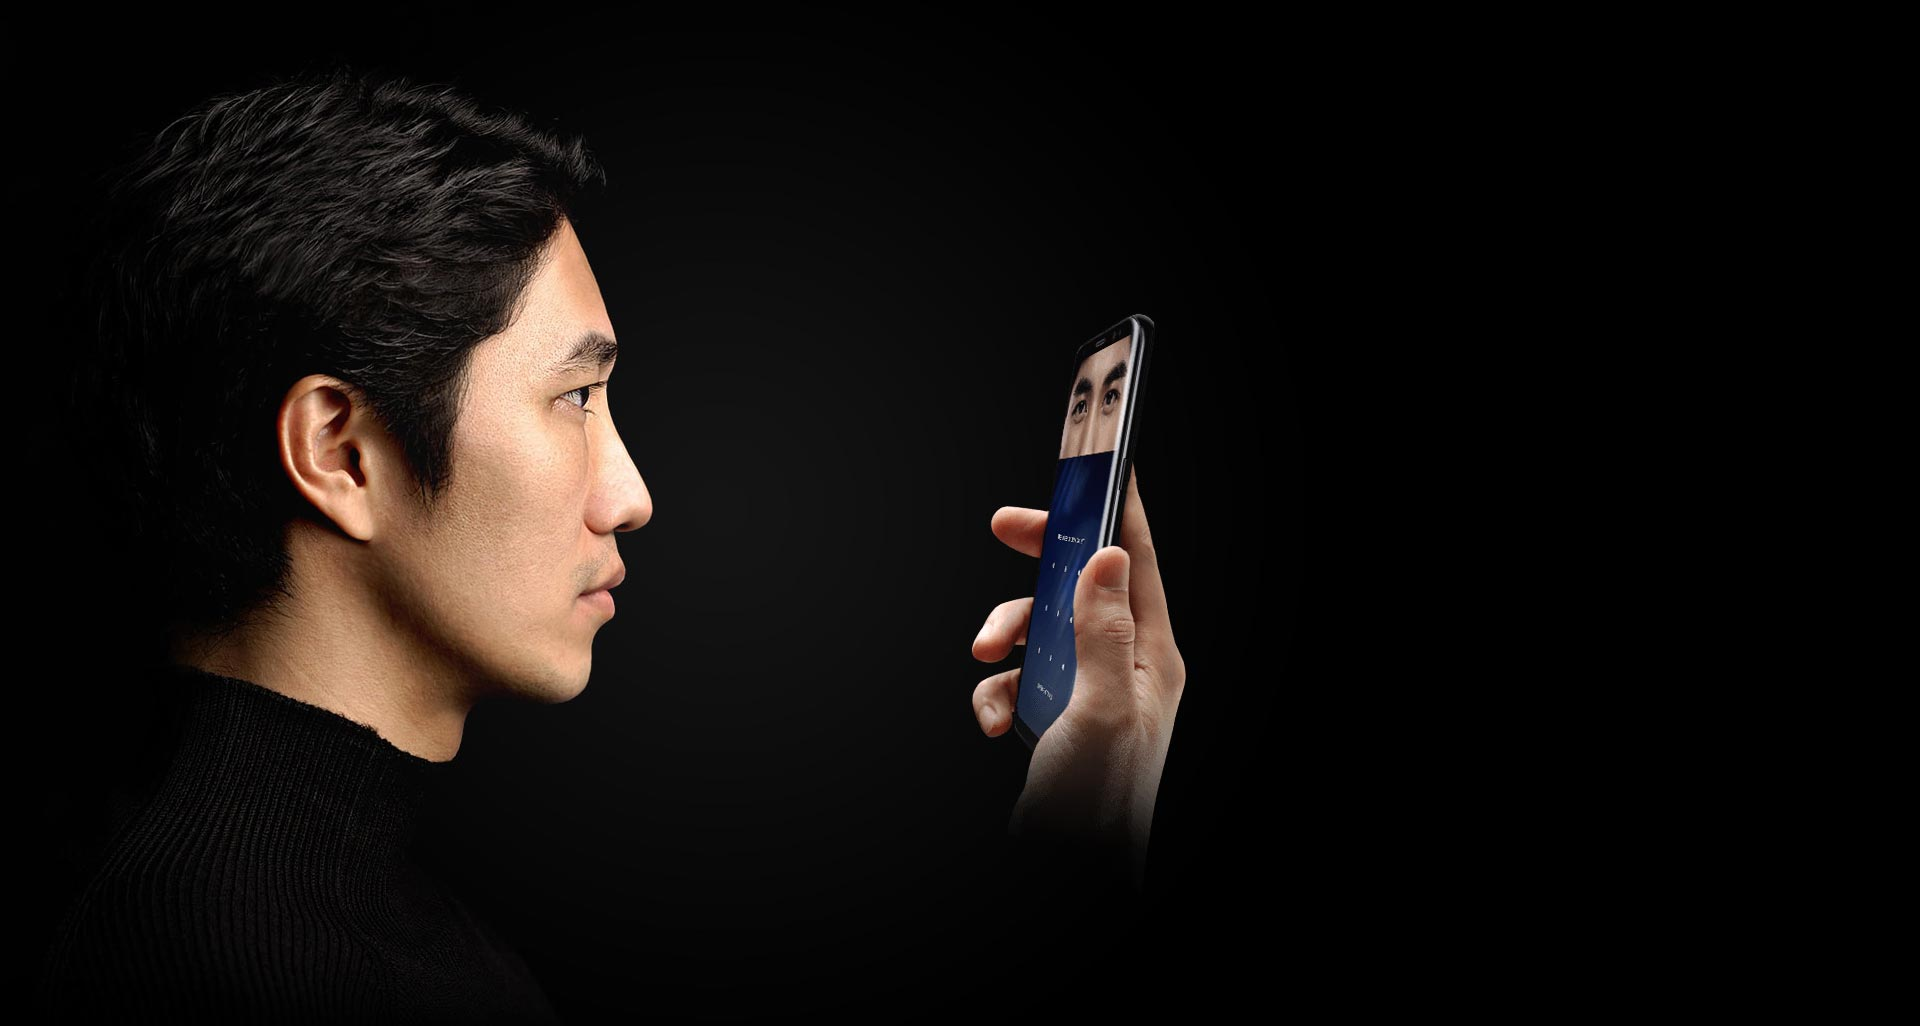 امنیت بسیار بالا و خارق العاده گوشی گلکسی S8+